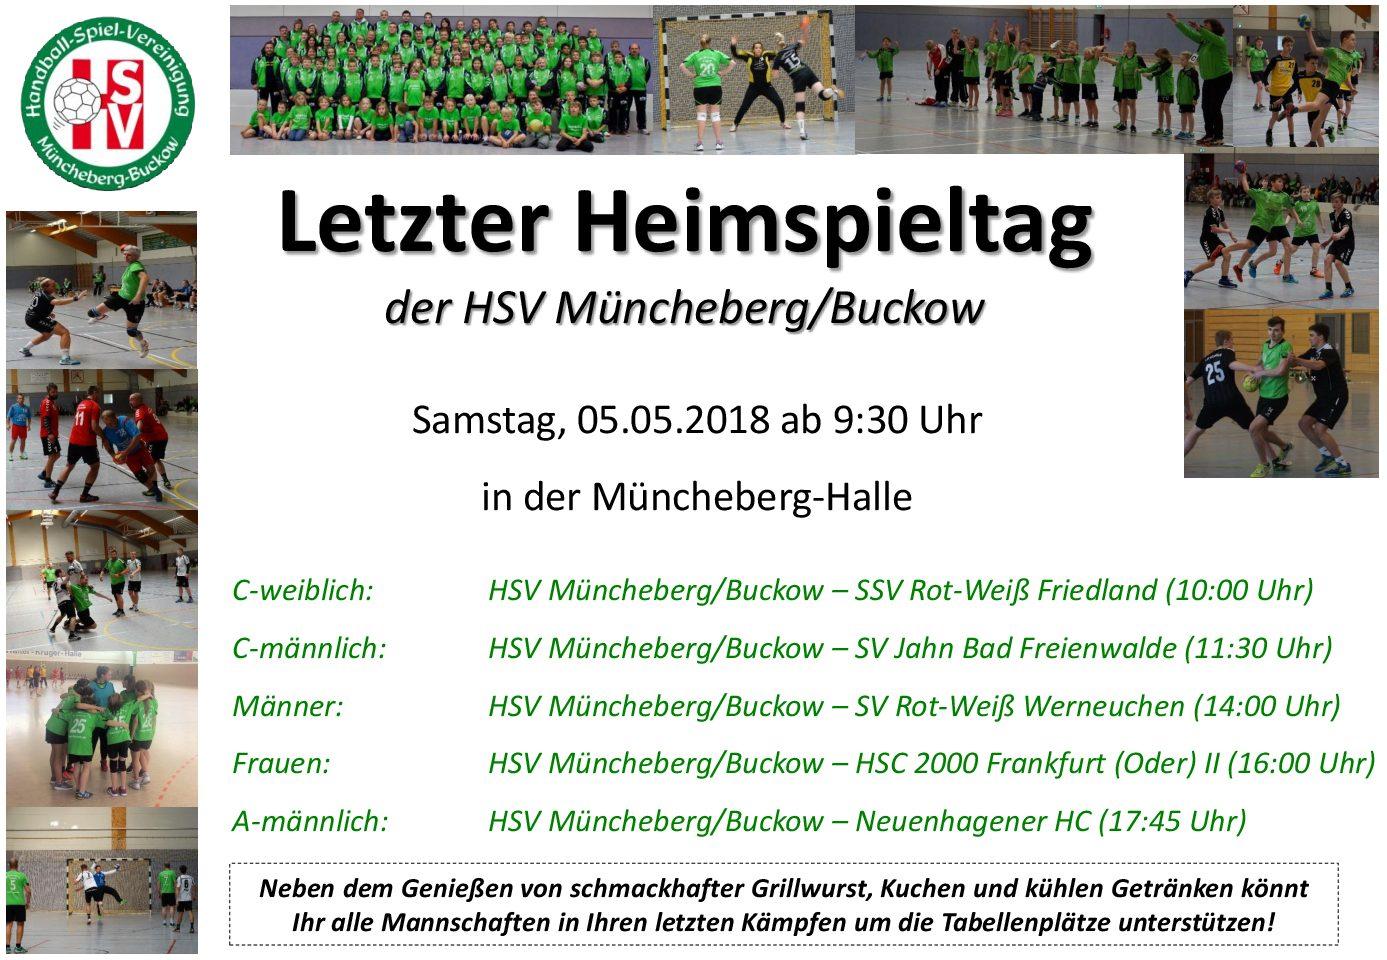 Letzter Heimspieltag der HSV Müncheberg/Buckow